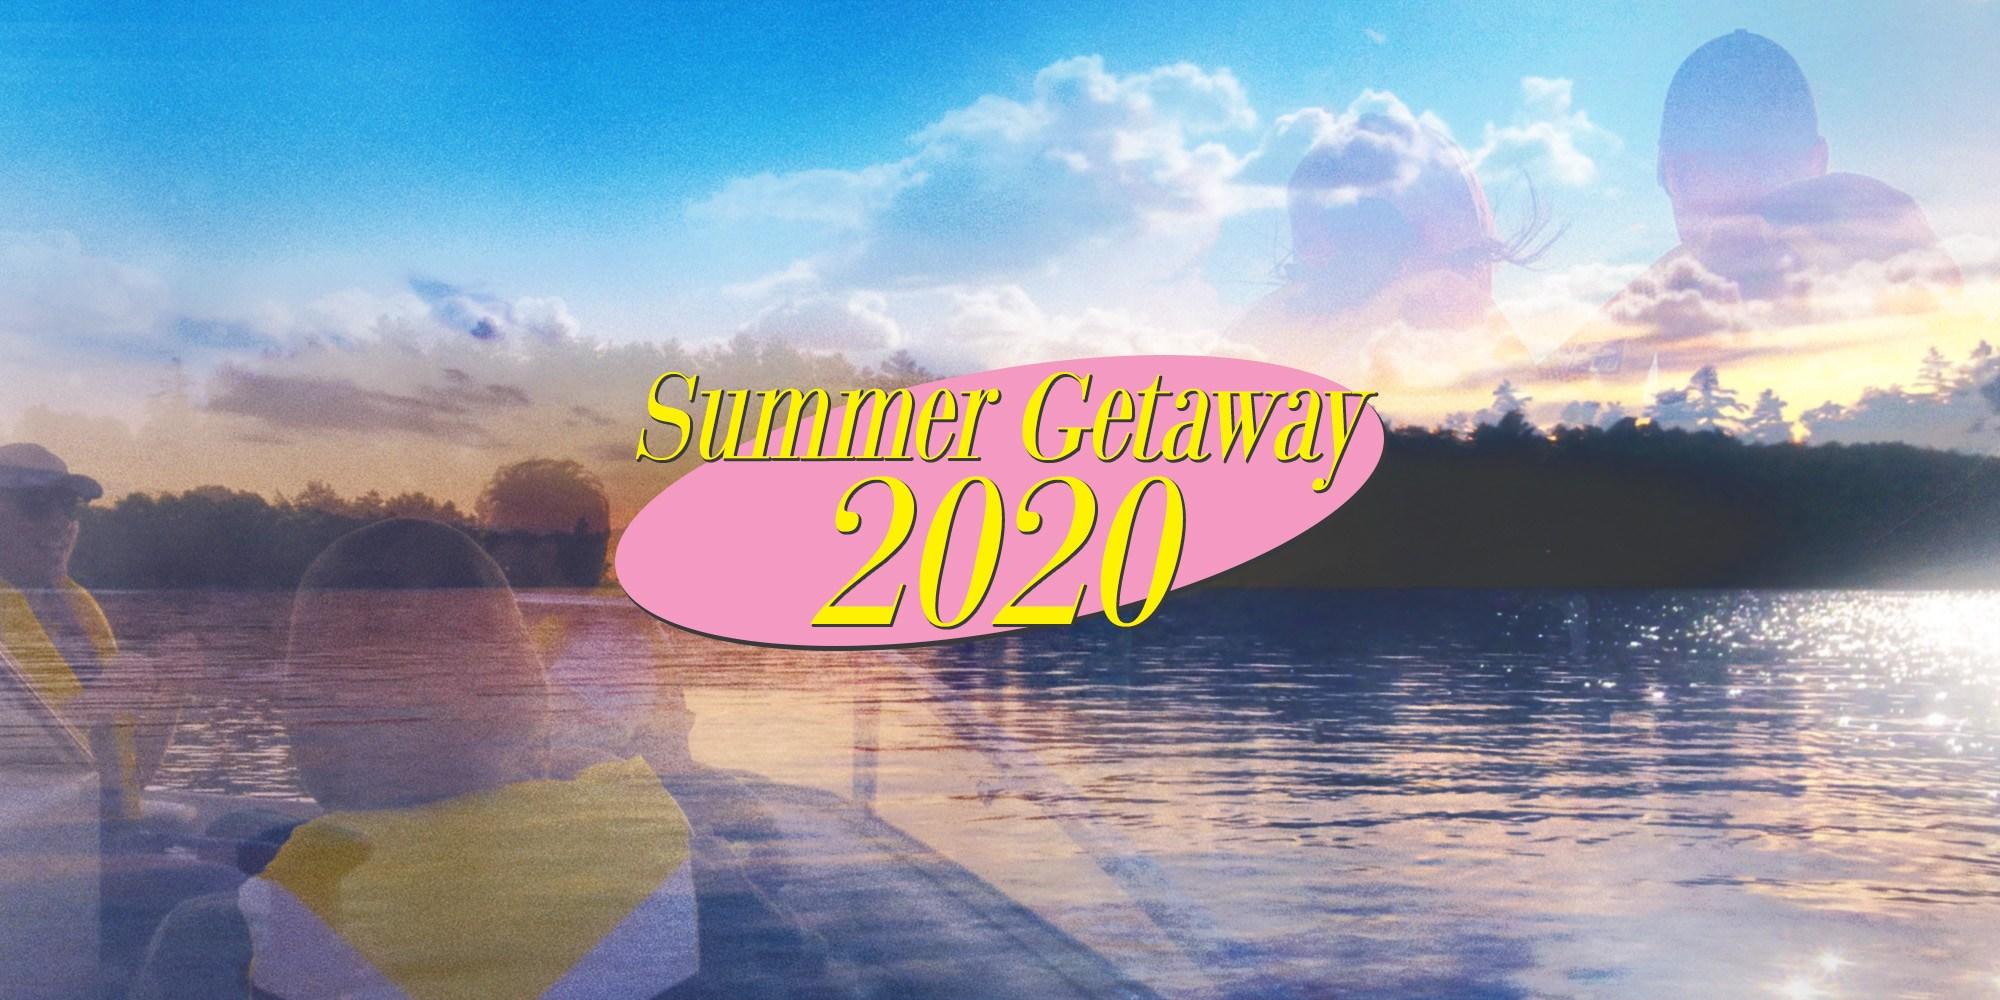 PD Summer Getaway 2020